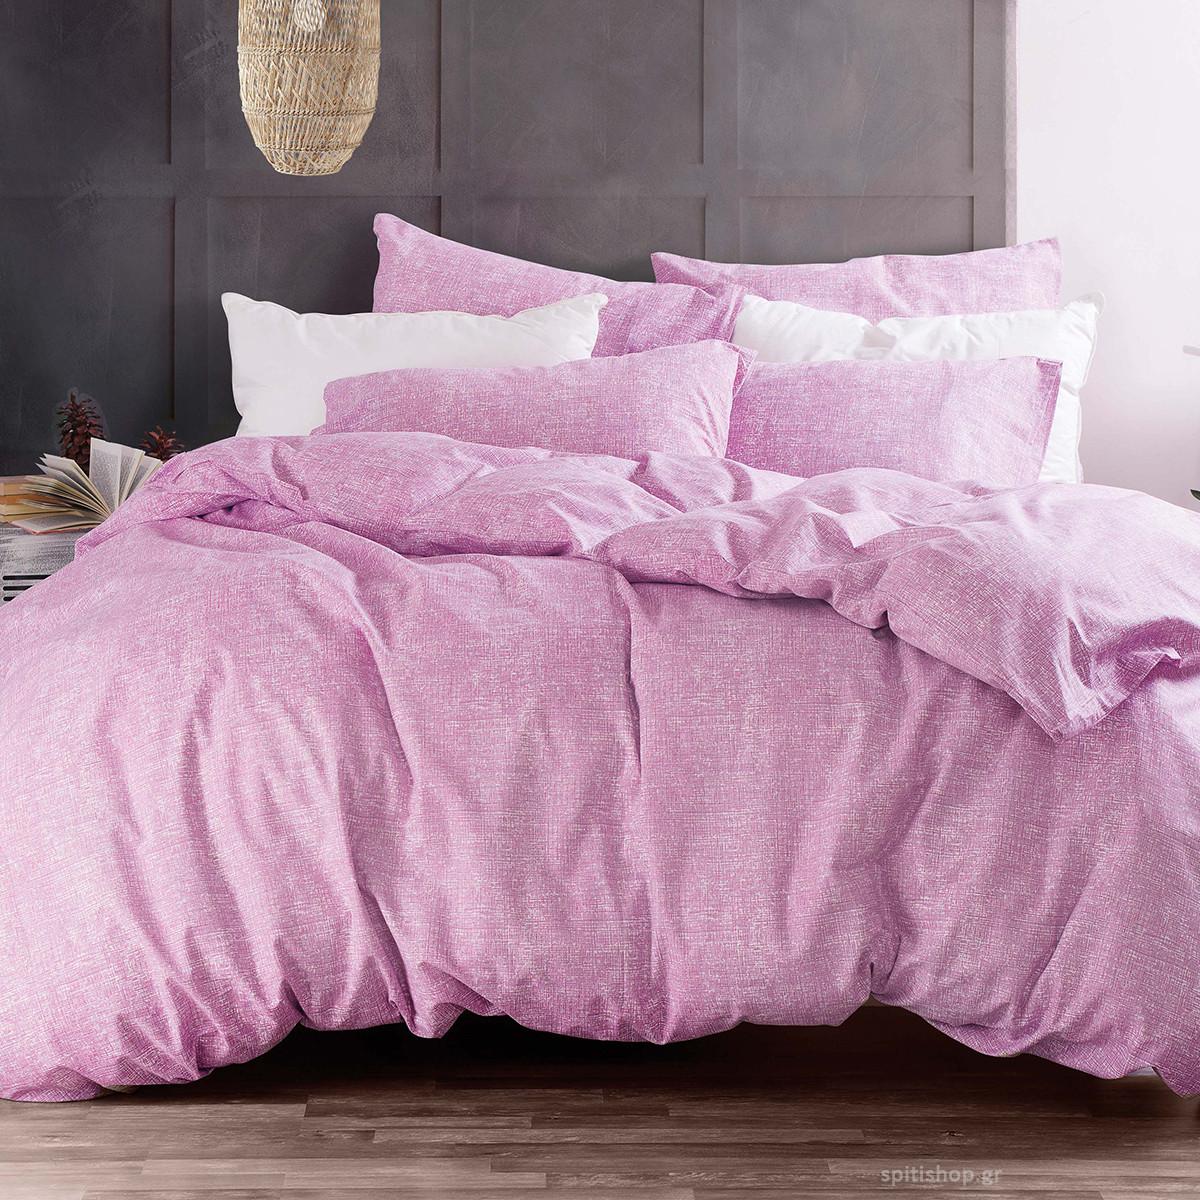 Κουβερλί Μονό (Σετ) Rythmos Nova Cielo Pink home   κρεβατοκάμαρα   κουβερλί   κουβερλί μονά